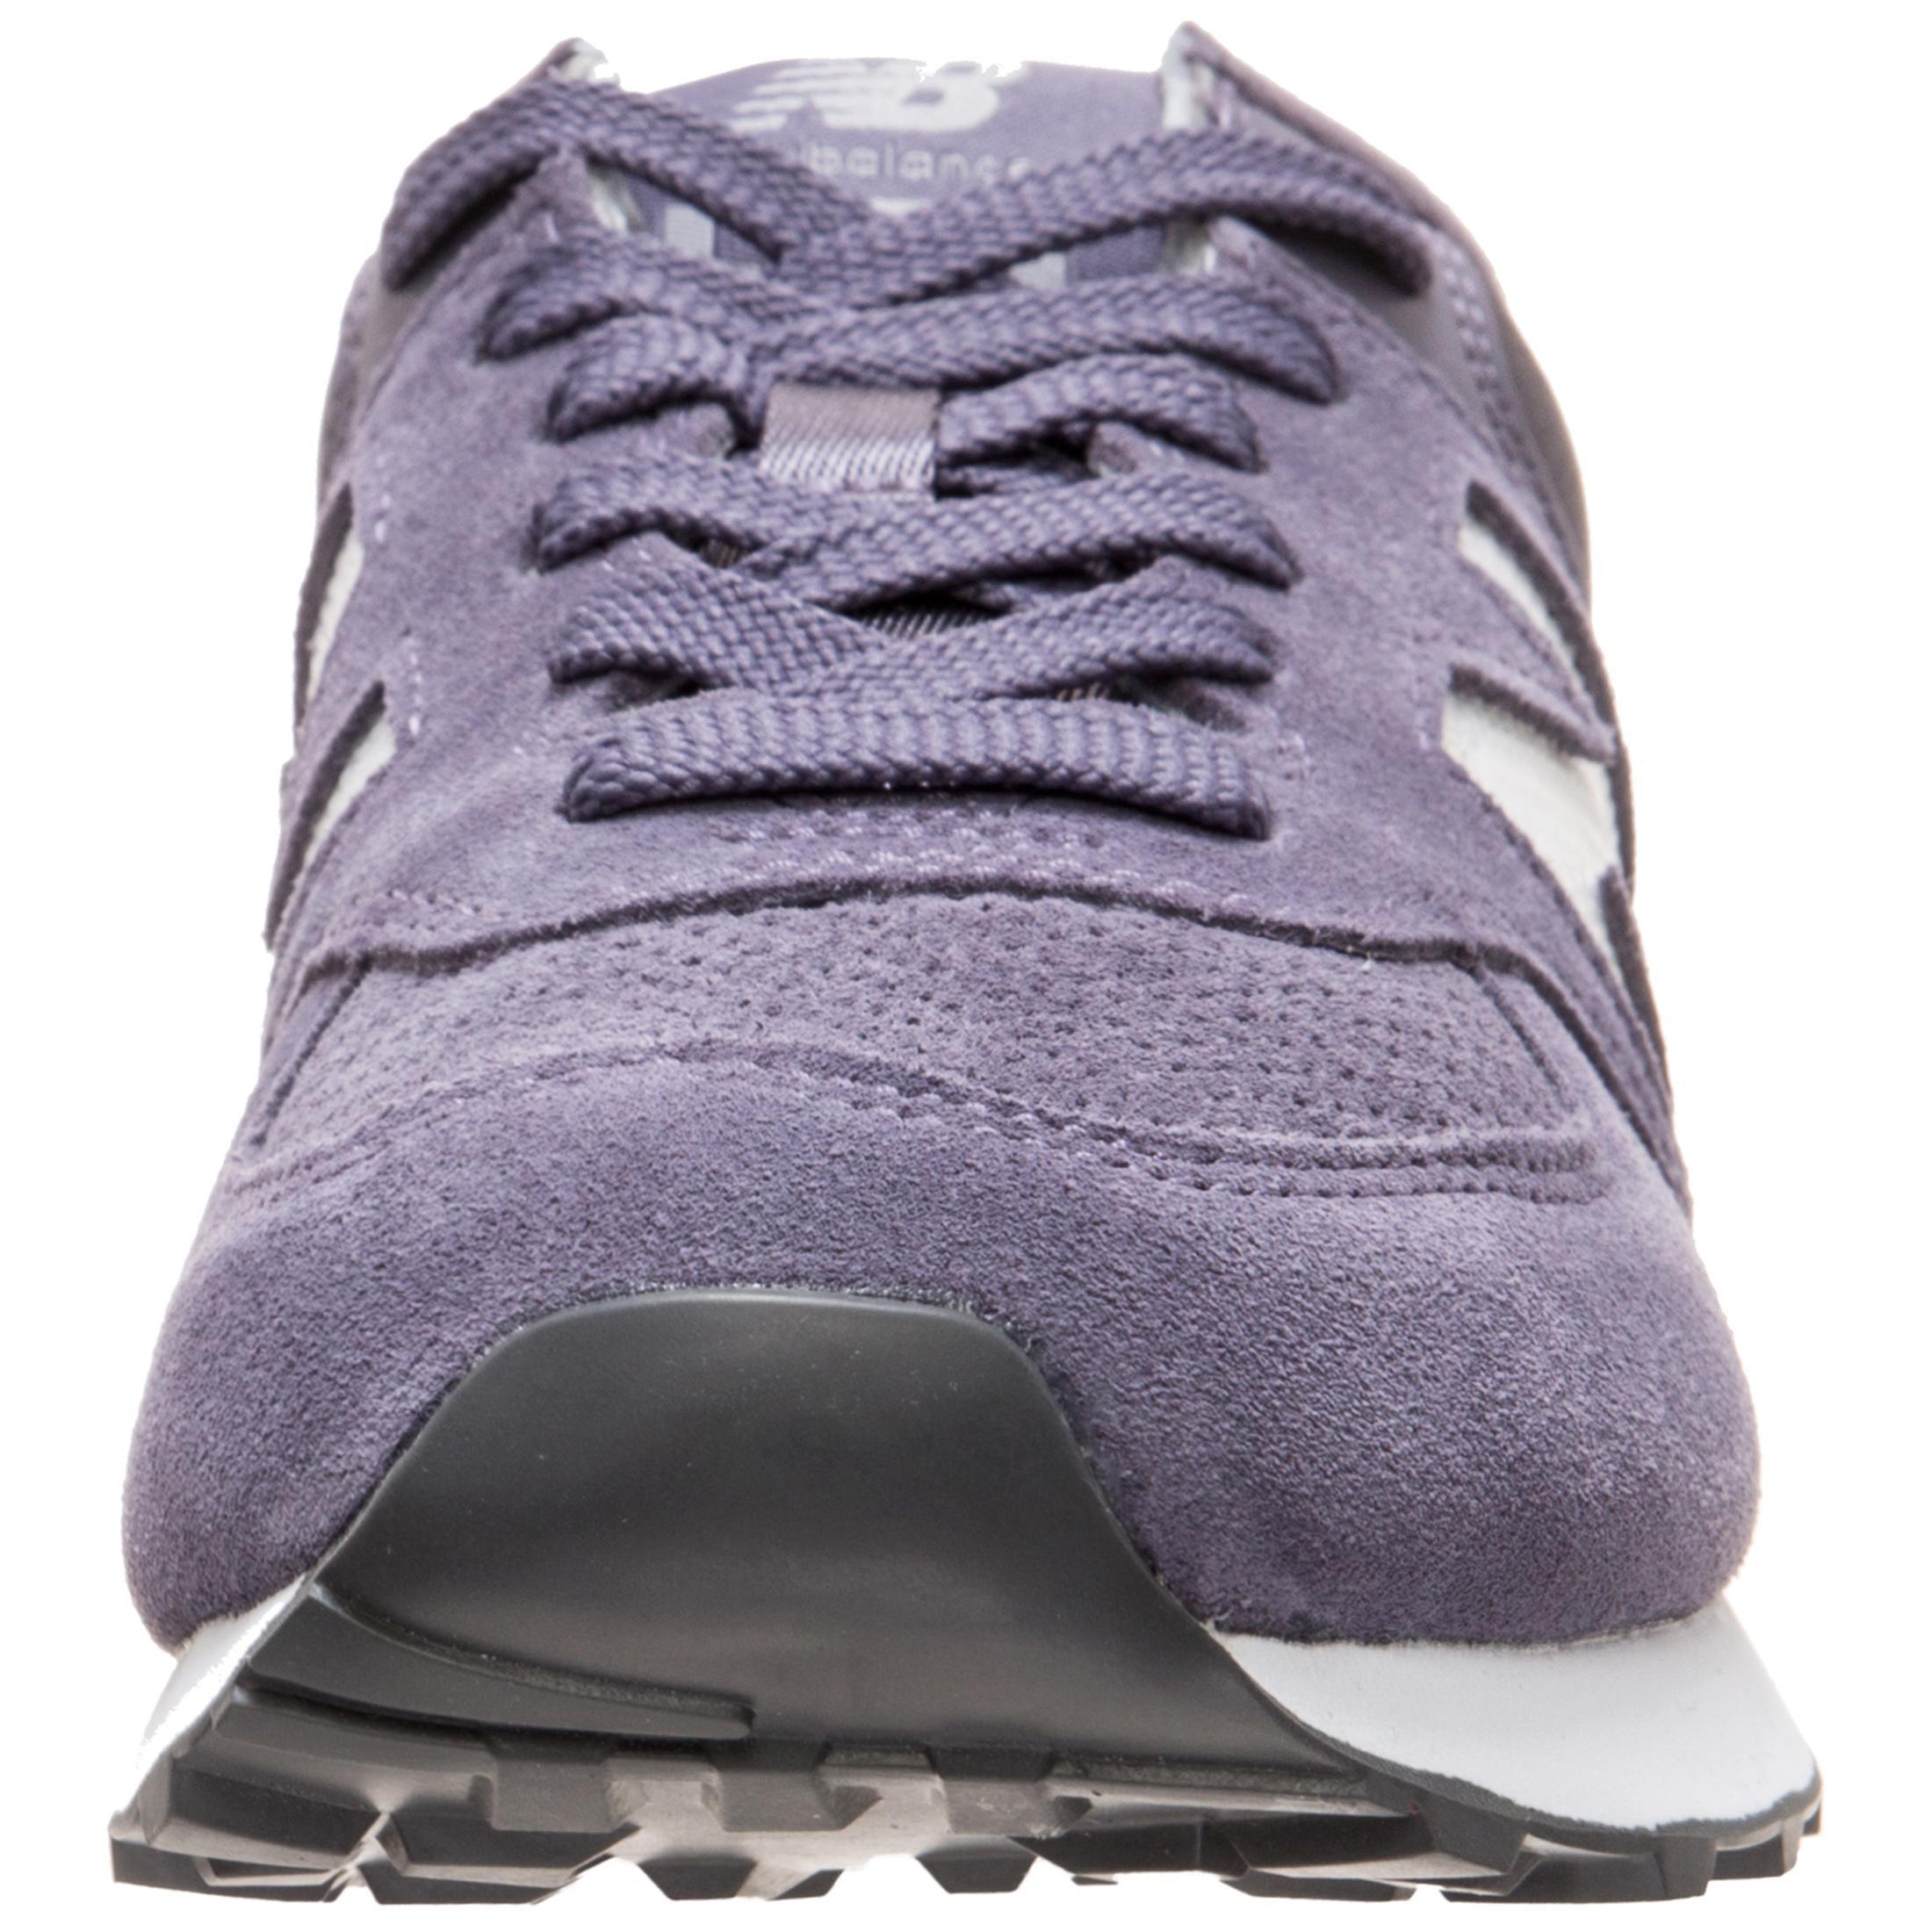 NEW BALANCE WL574-FHB-B Sneaker Damen Damen Damen lila im Online Shop von SportScheck kaufen Gute Qualität beliebte Schuhe 0a5933